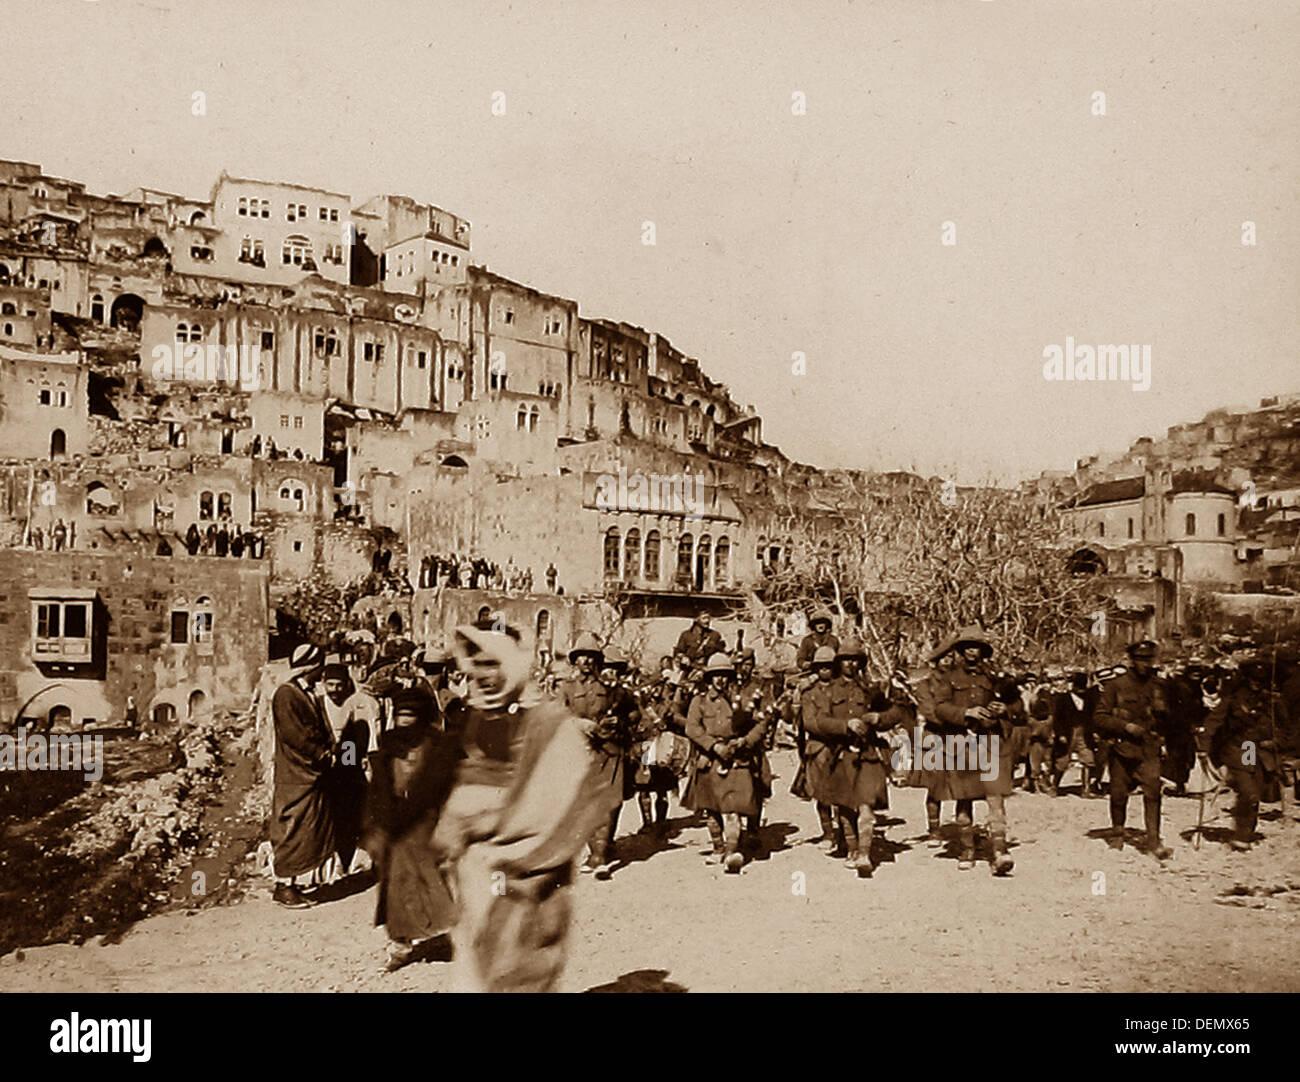 London Scottish Regiment marche dans es de sel durant la WW1 Photo Stock